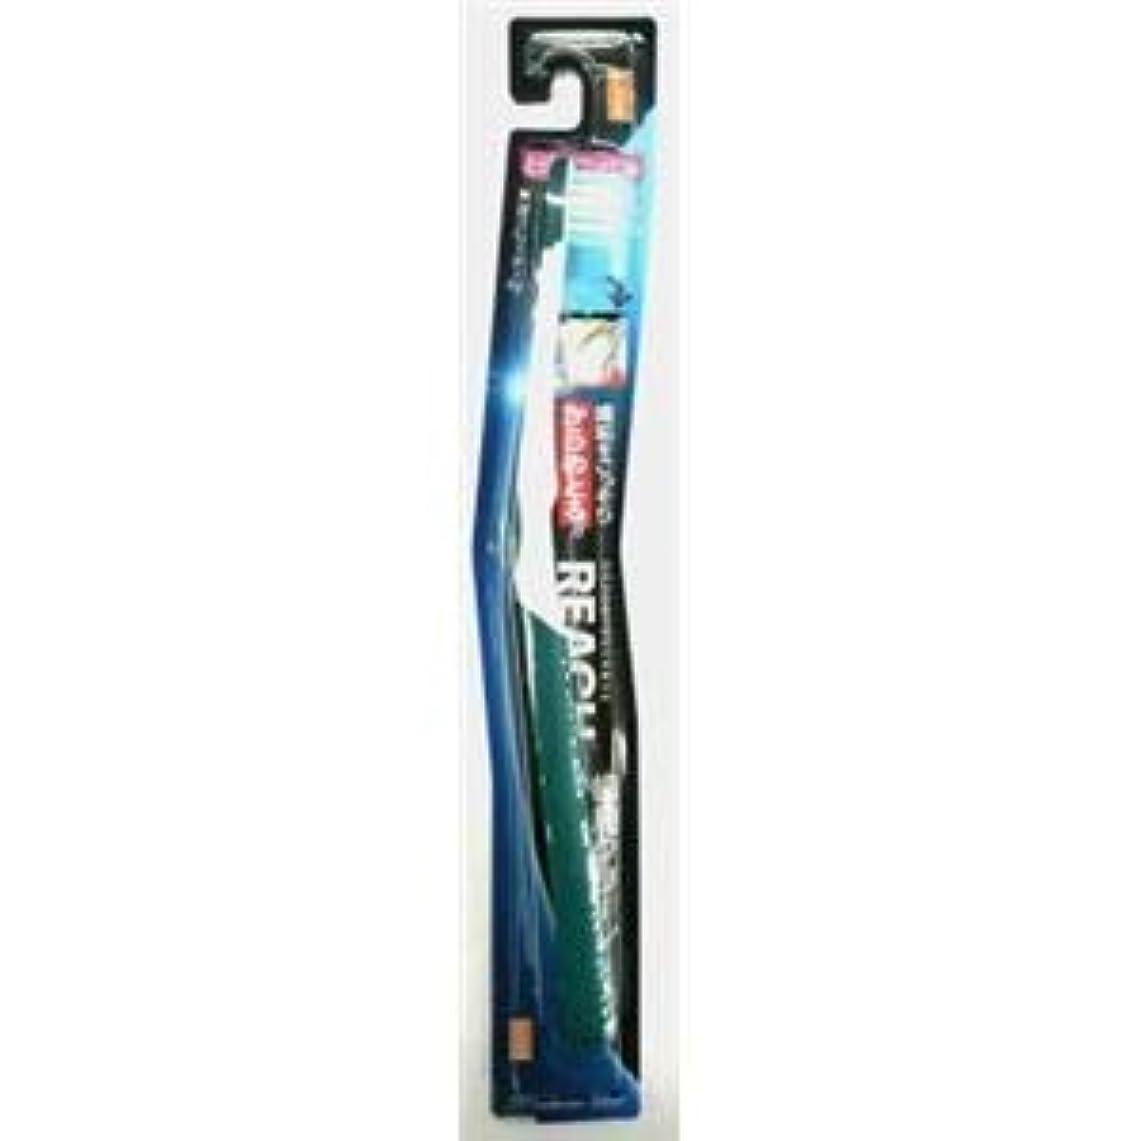 め言葉うまくいけば開発(まとめ)銀座ステファニー リーチ歯ブラシ リーチ 歯周クリーン とってもコンパクト やわらかめ 【×12点セット】